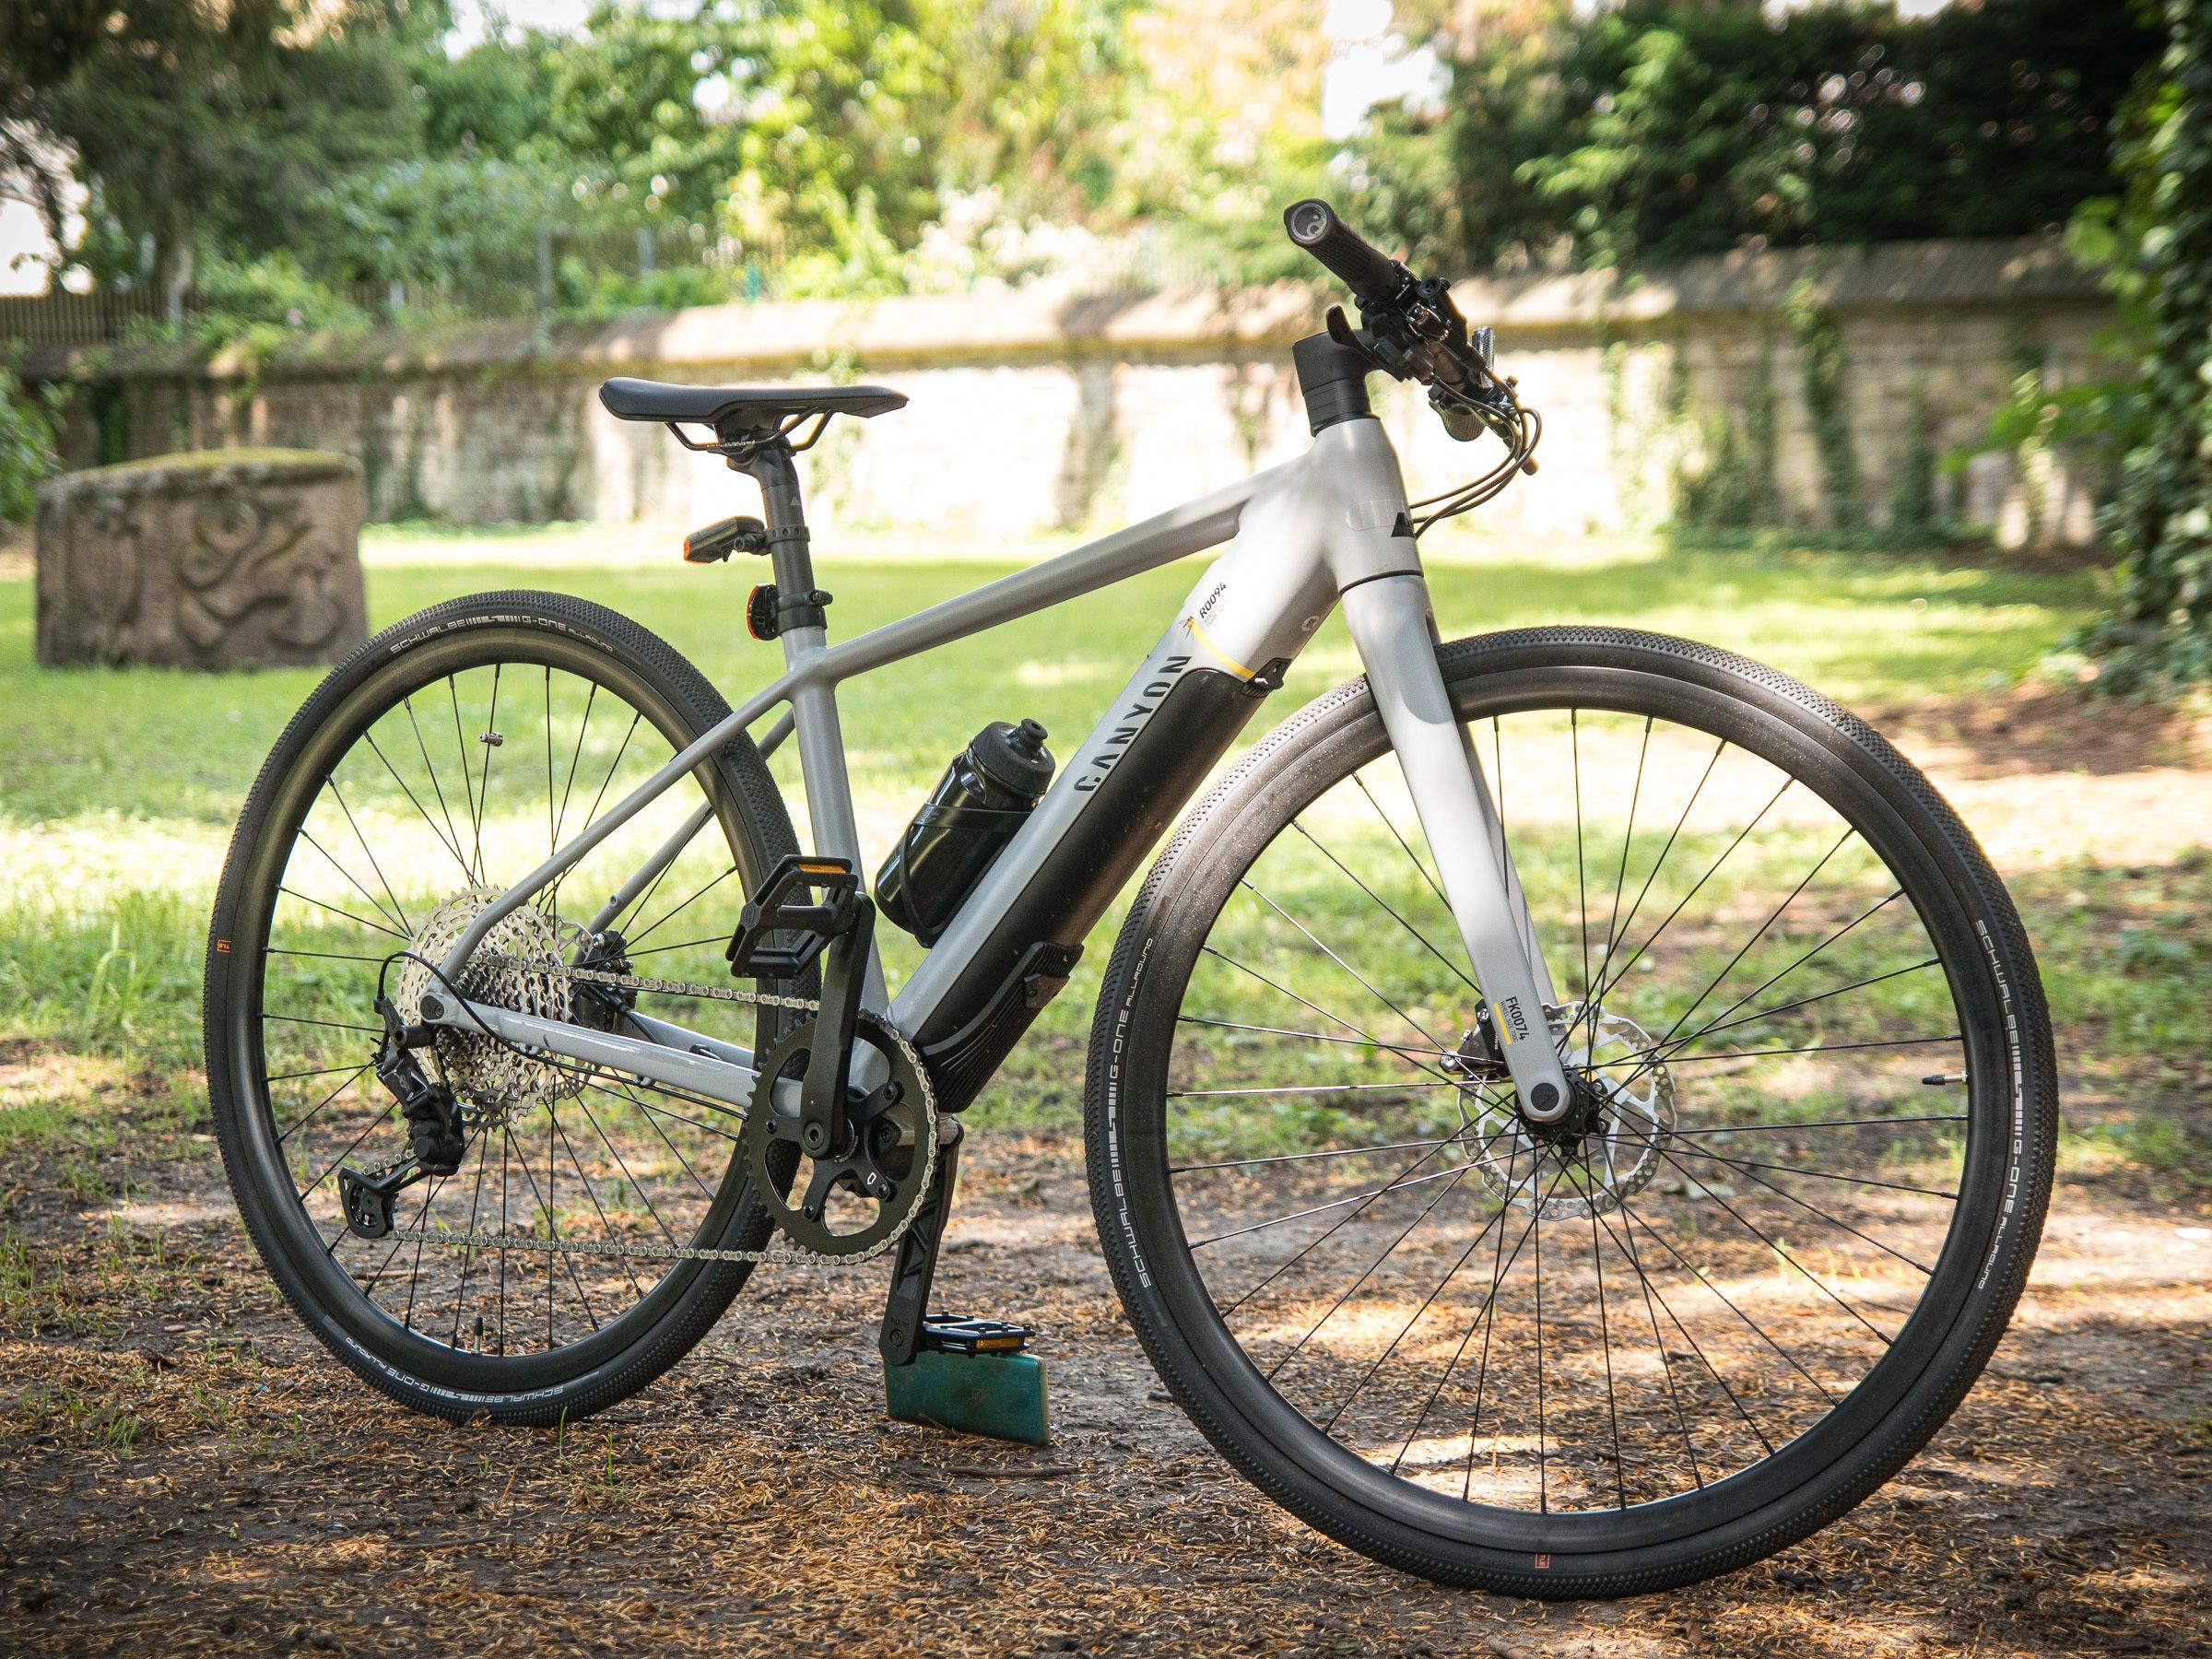 Training oder Pendeln? E-Bike Canyon Roadlite:ON 7 zeigt im Test, dass beides geht